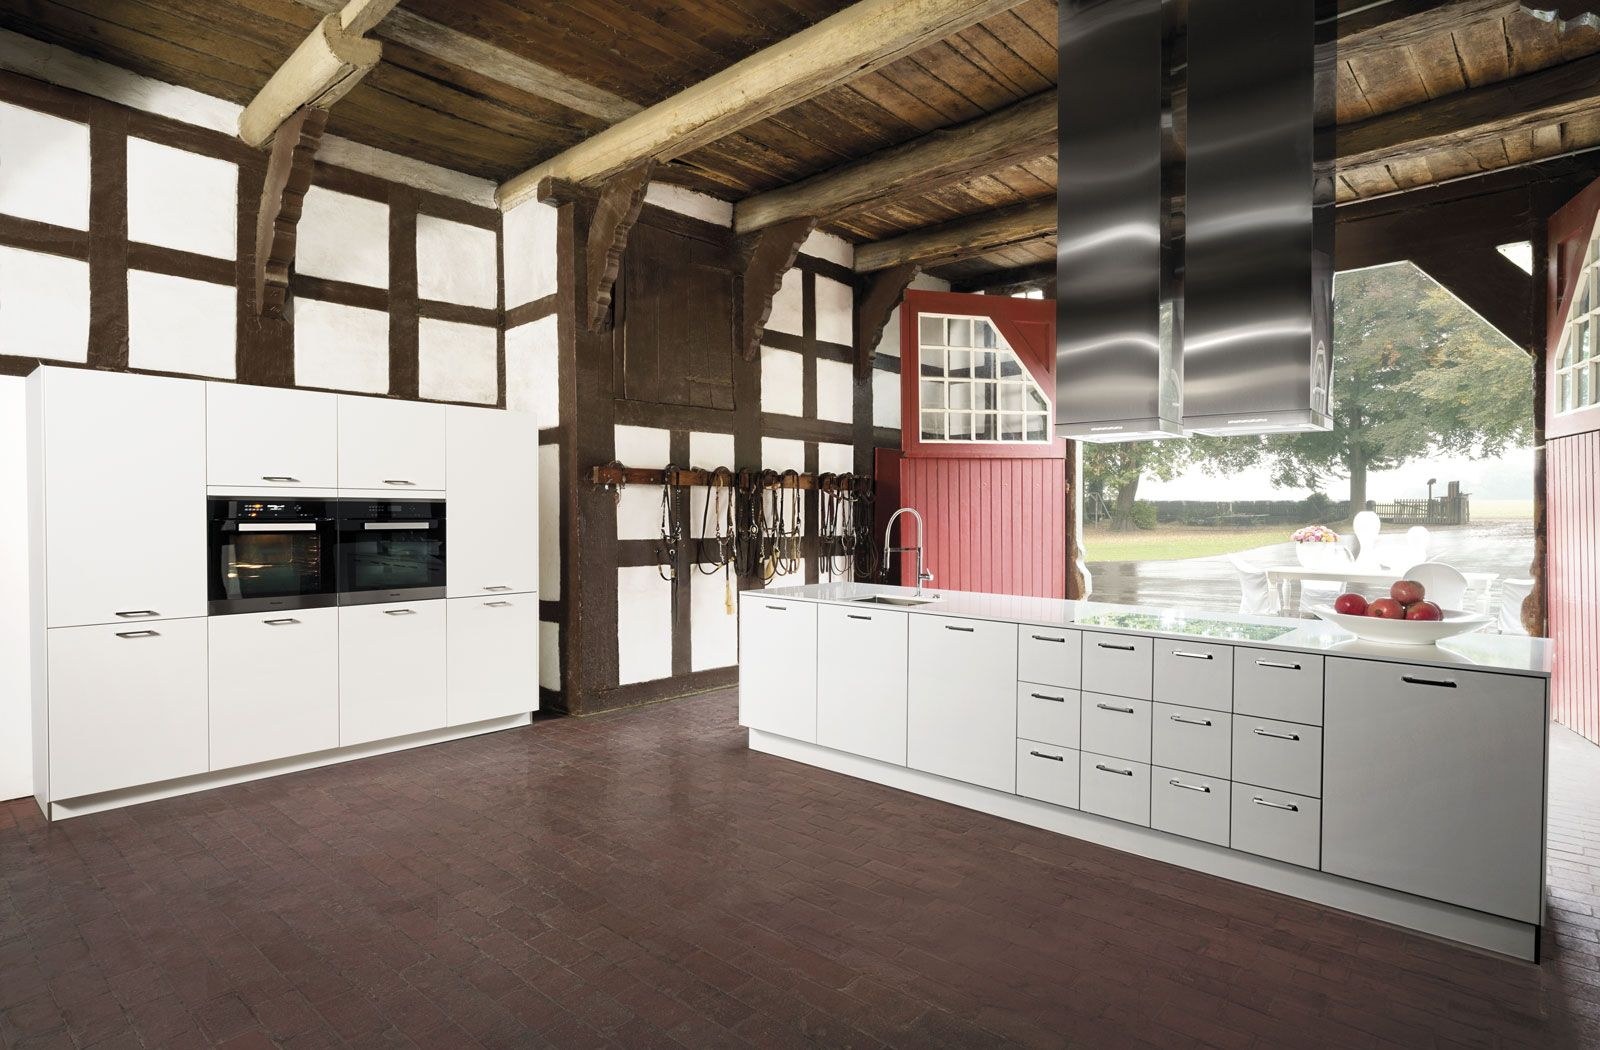 pin von zinck concept auf notre partenaire häcker küchen ... - Häcker Küchen Preisliste